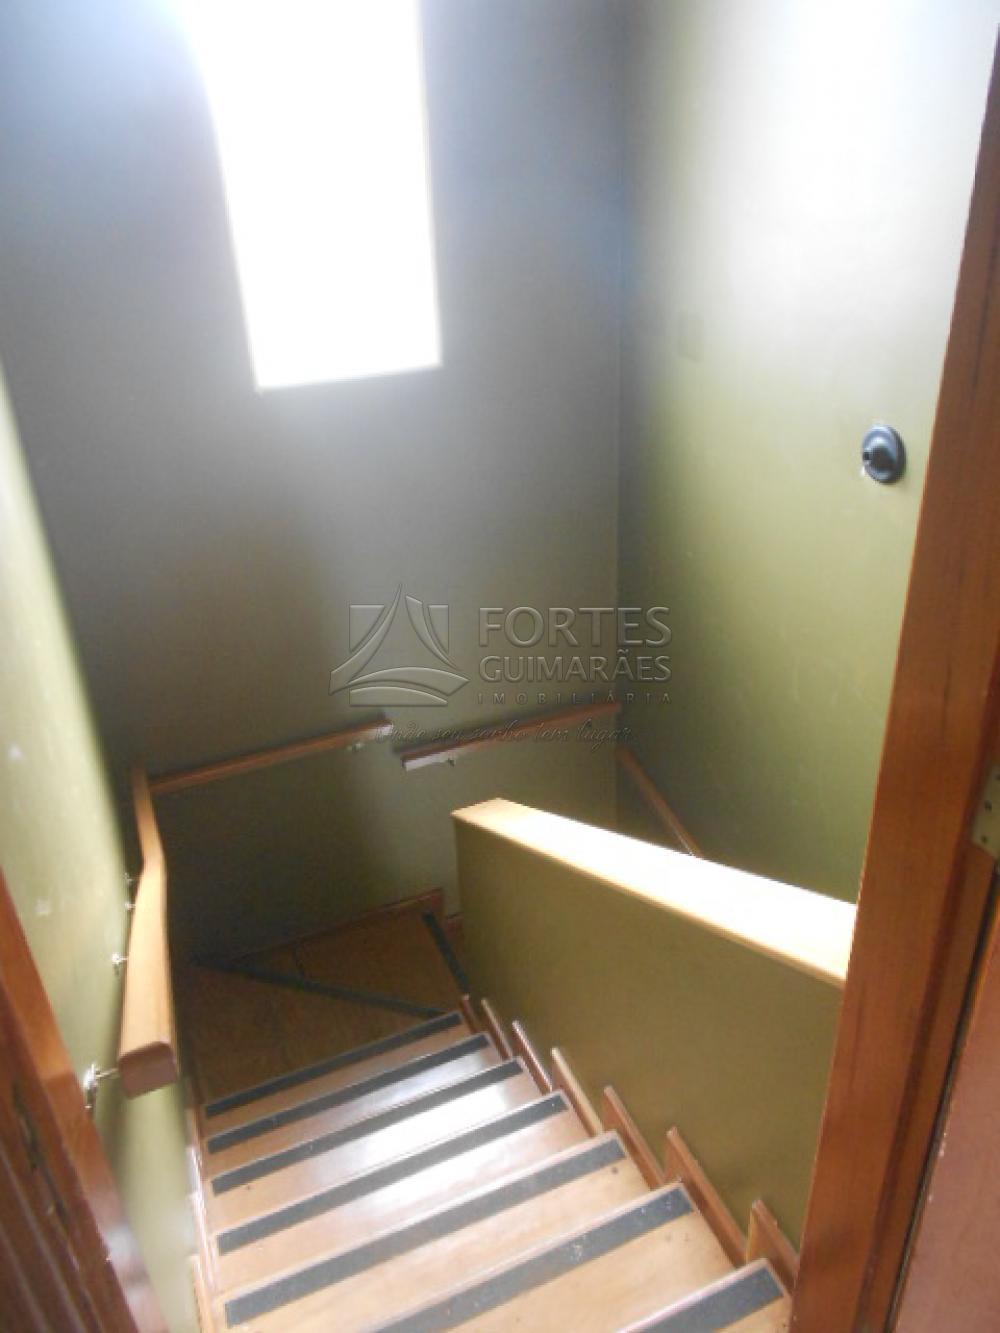 Alugar Casas / Padrão em Ribeirão Preto apenas R$ 12.000,00 - Foto 19